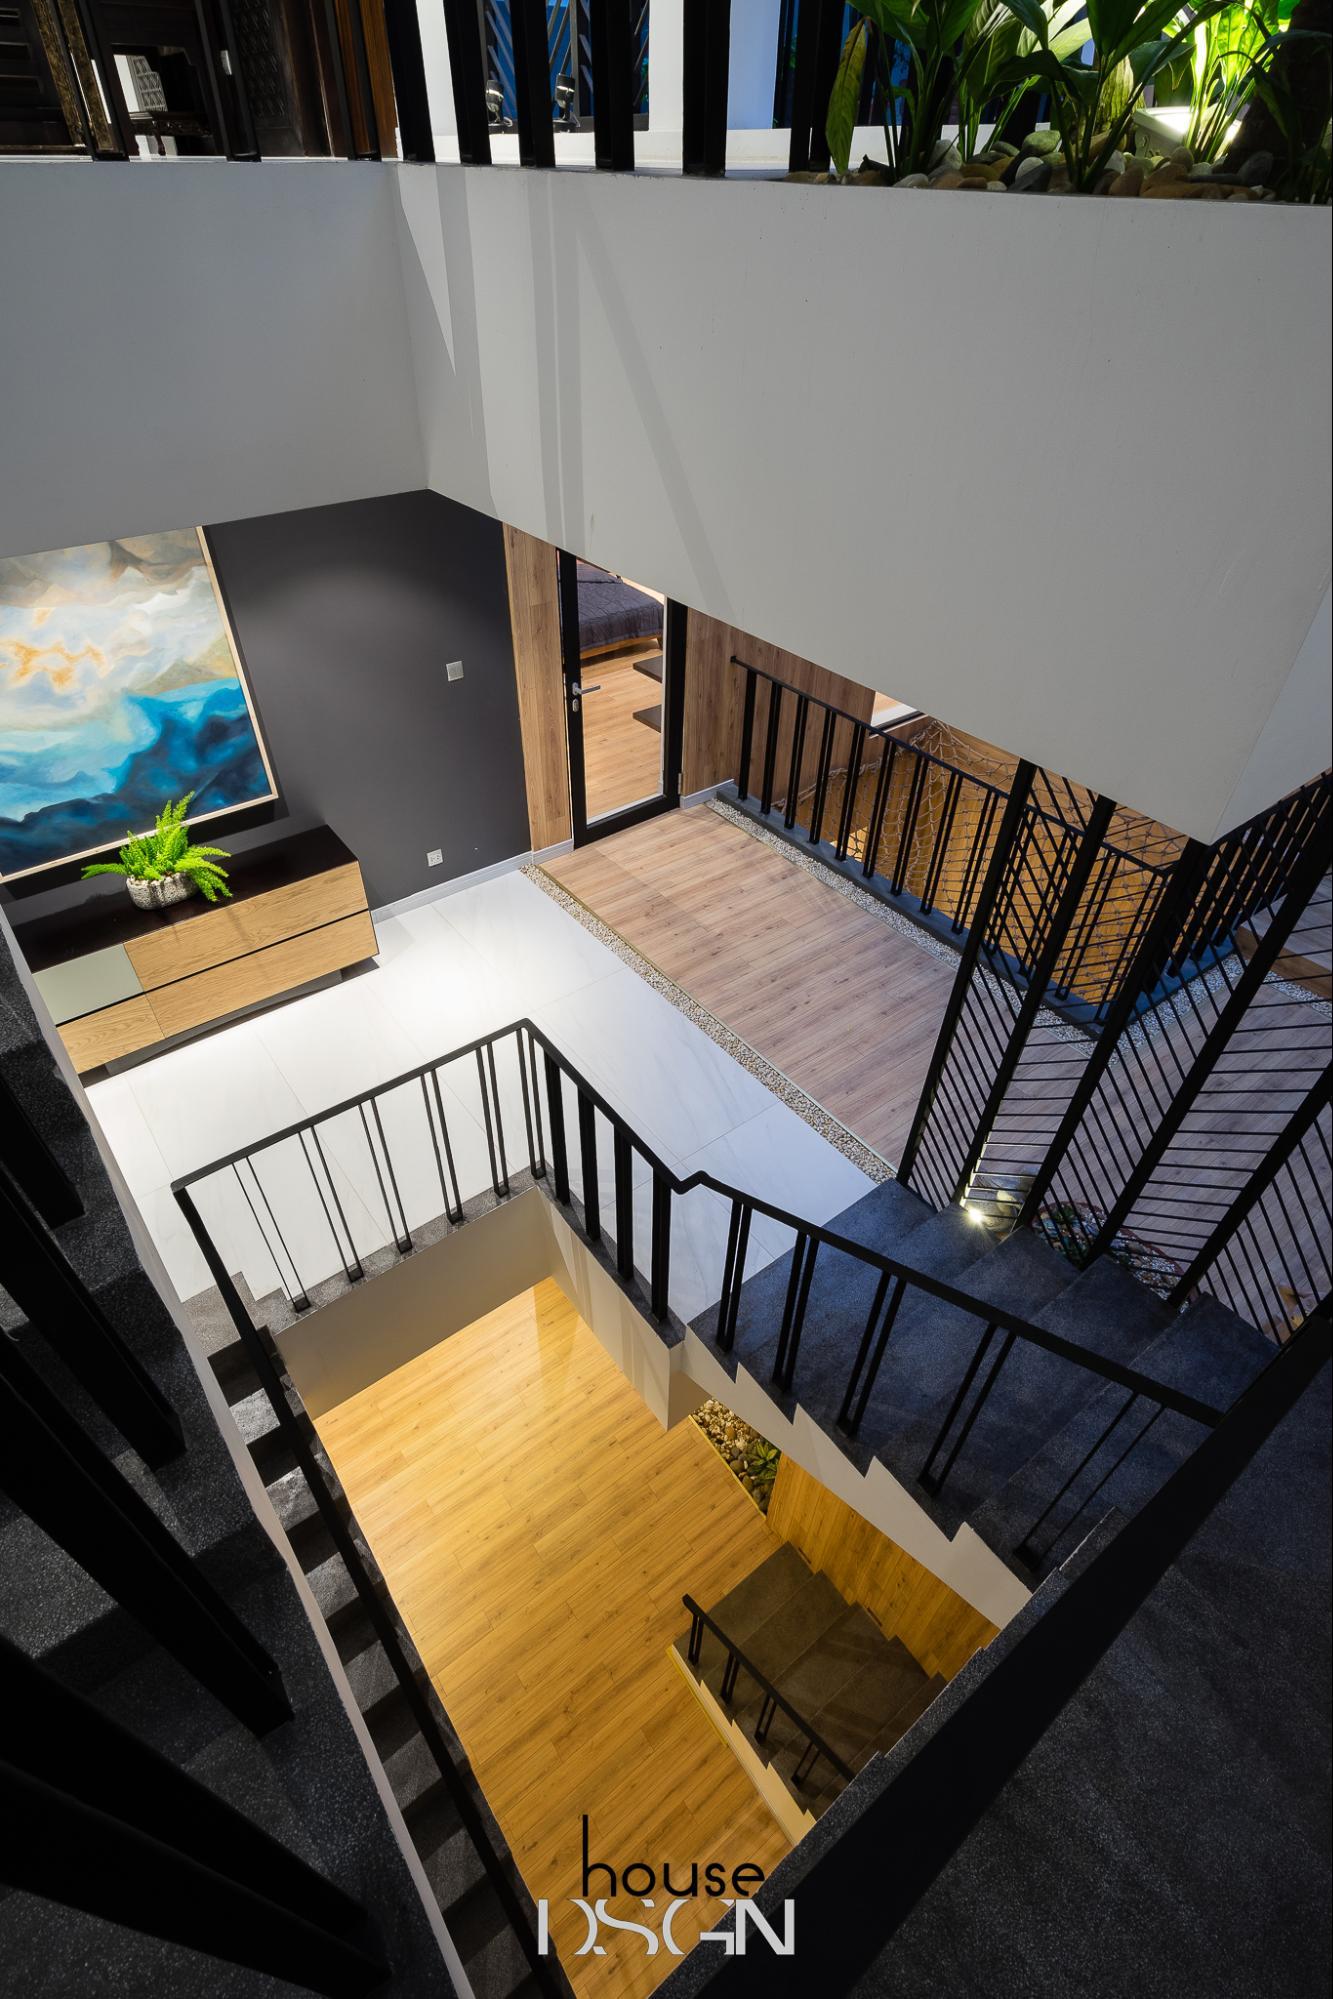 phòng khách nhà ống có cầu thang - Housedesign